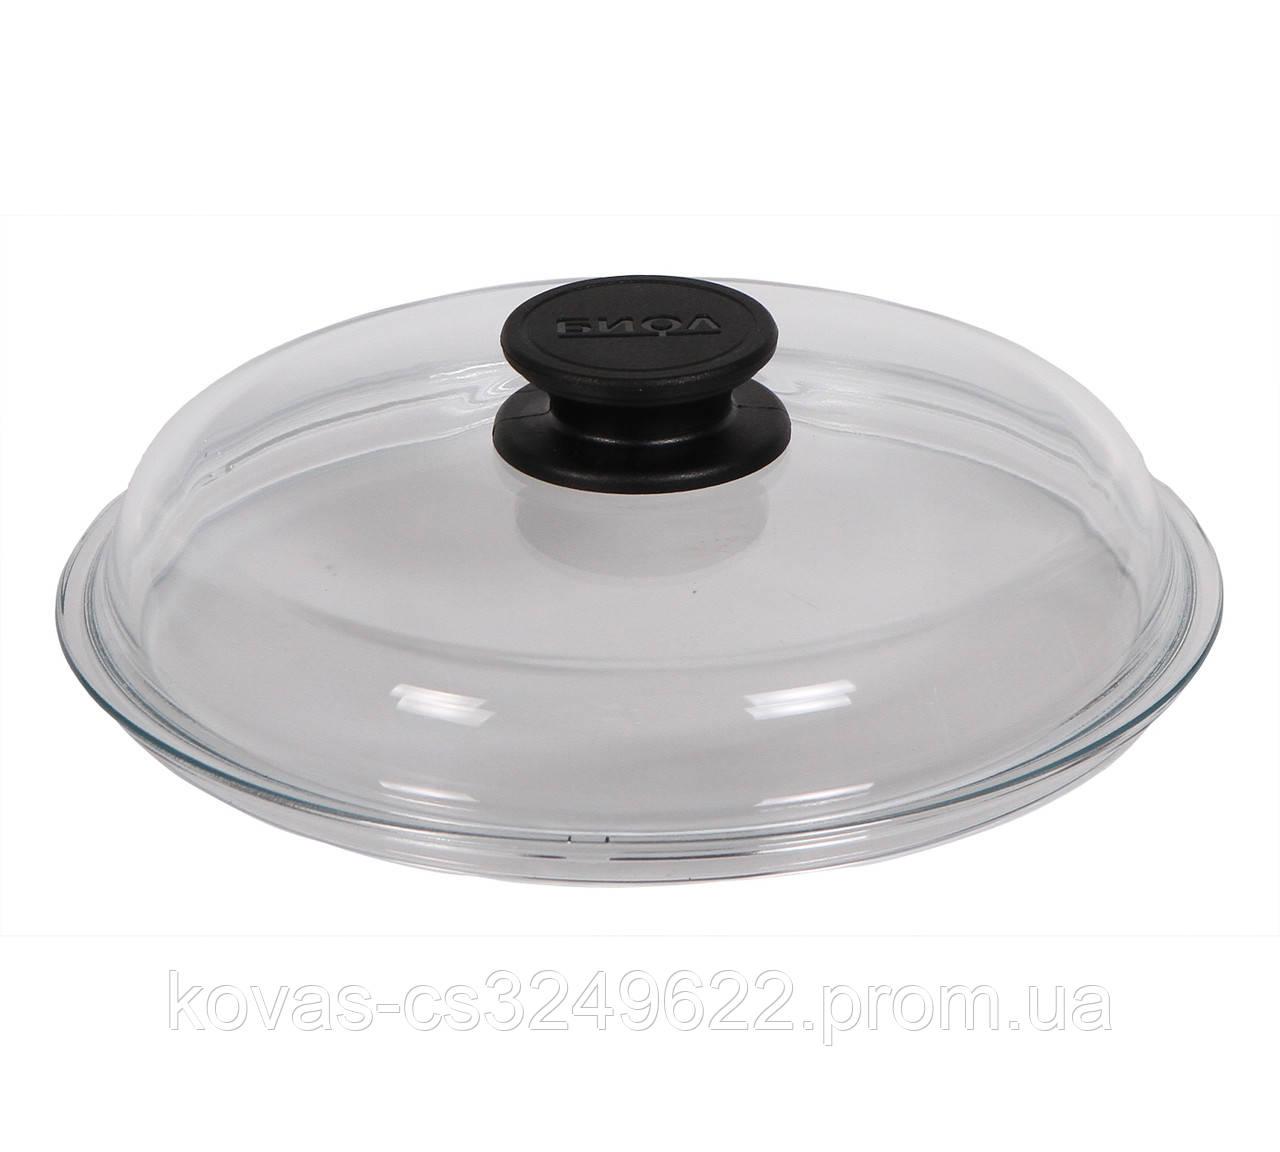 Крышка для блюд Биол Крышка d24 см стекло (ВК240)